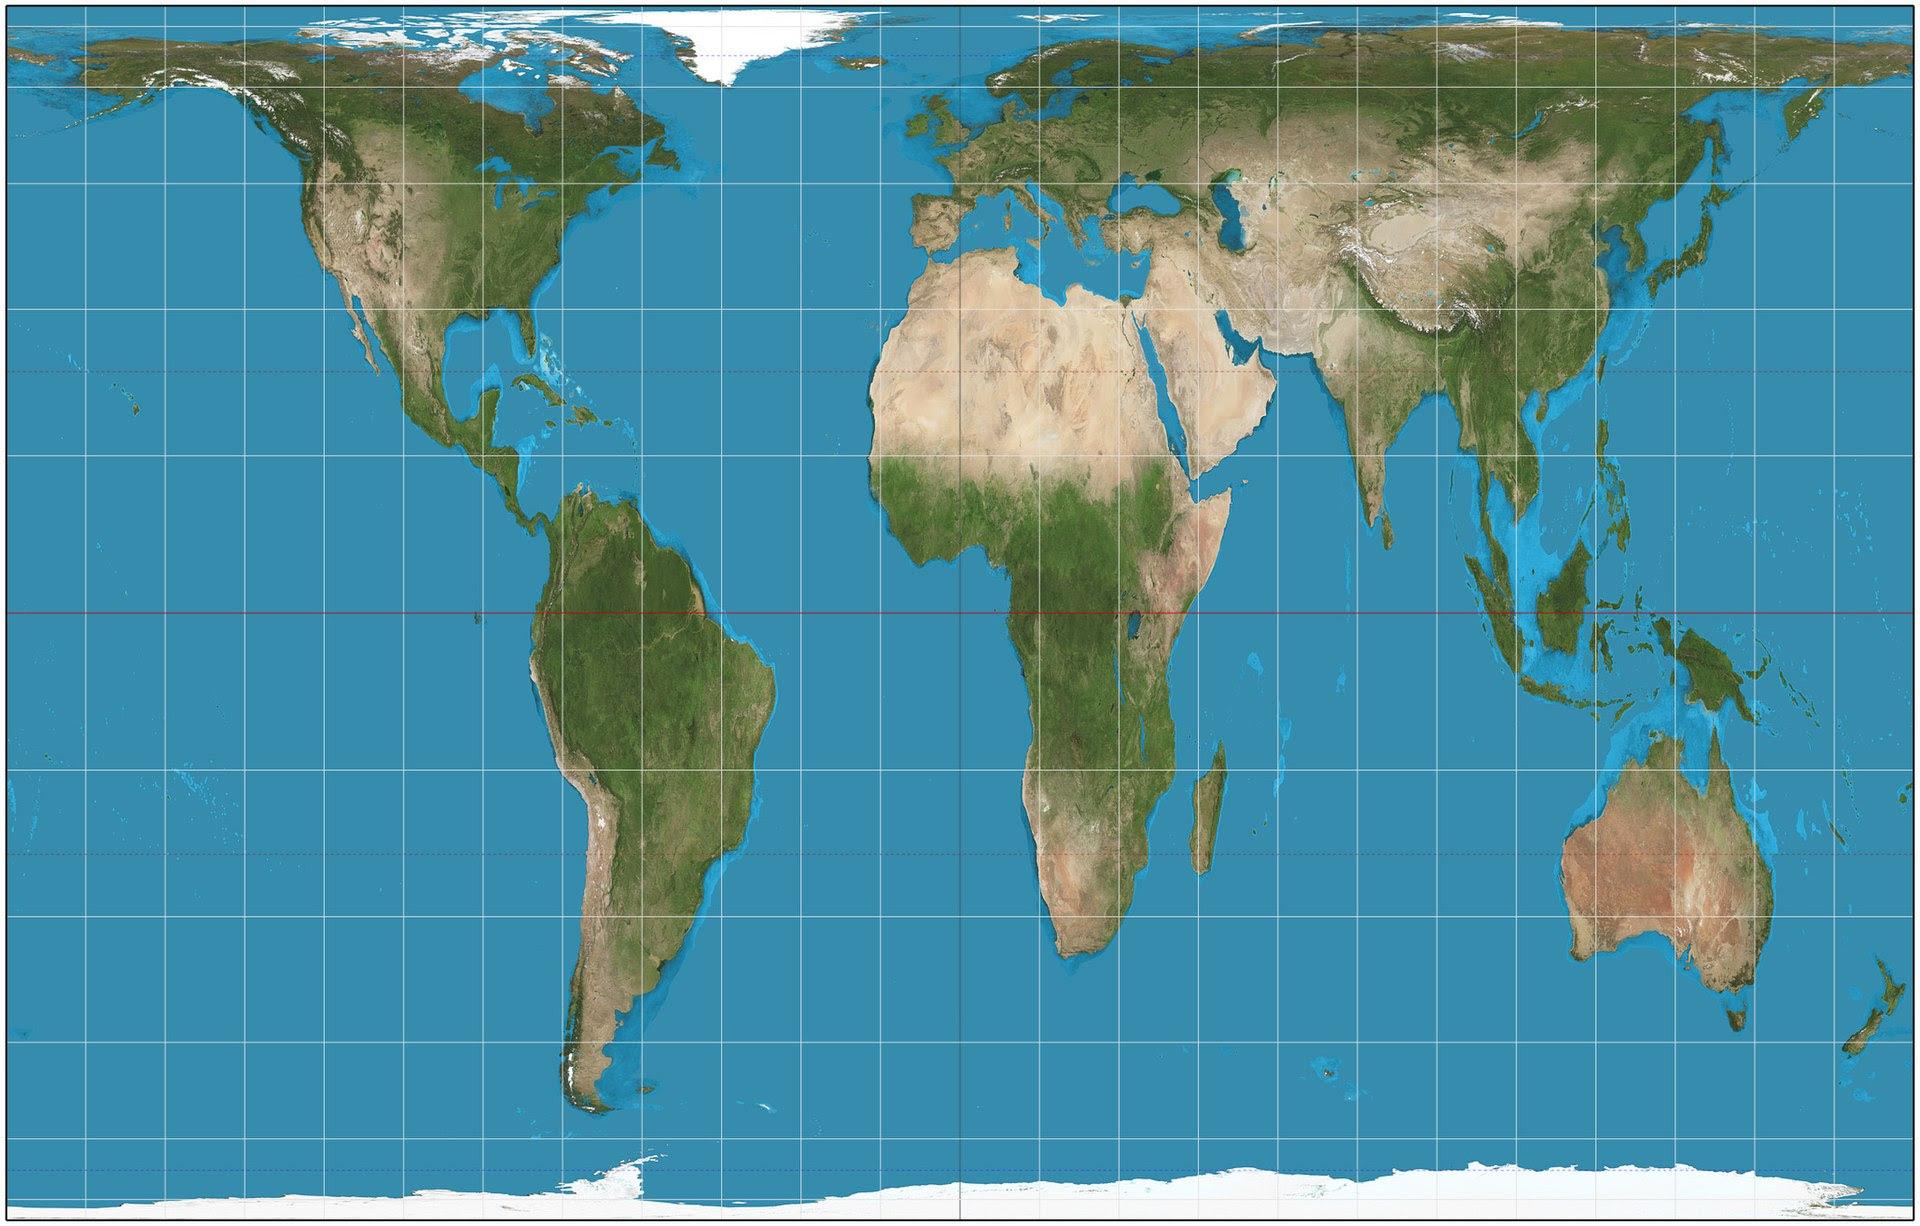 Gall-Petersova projekcija svijetske karte